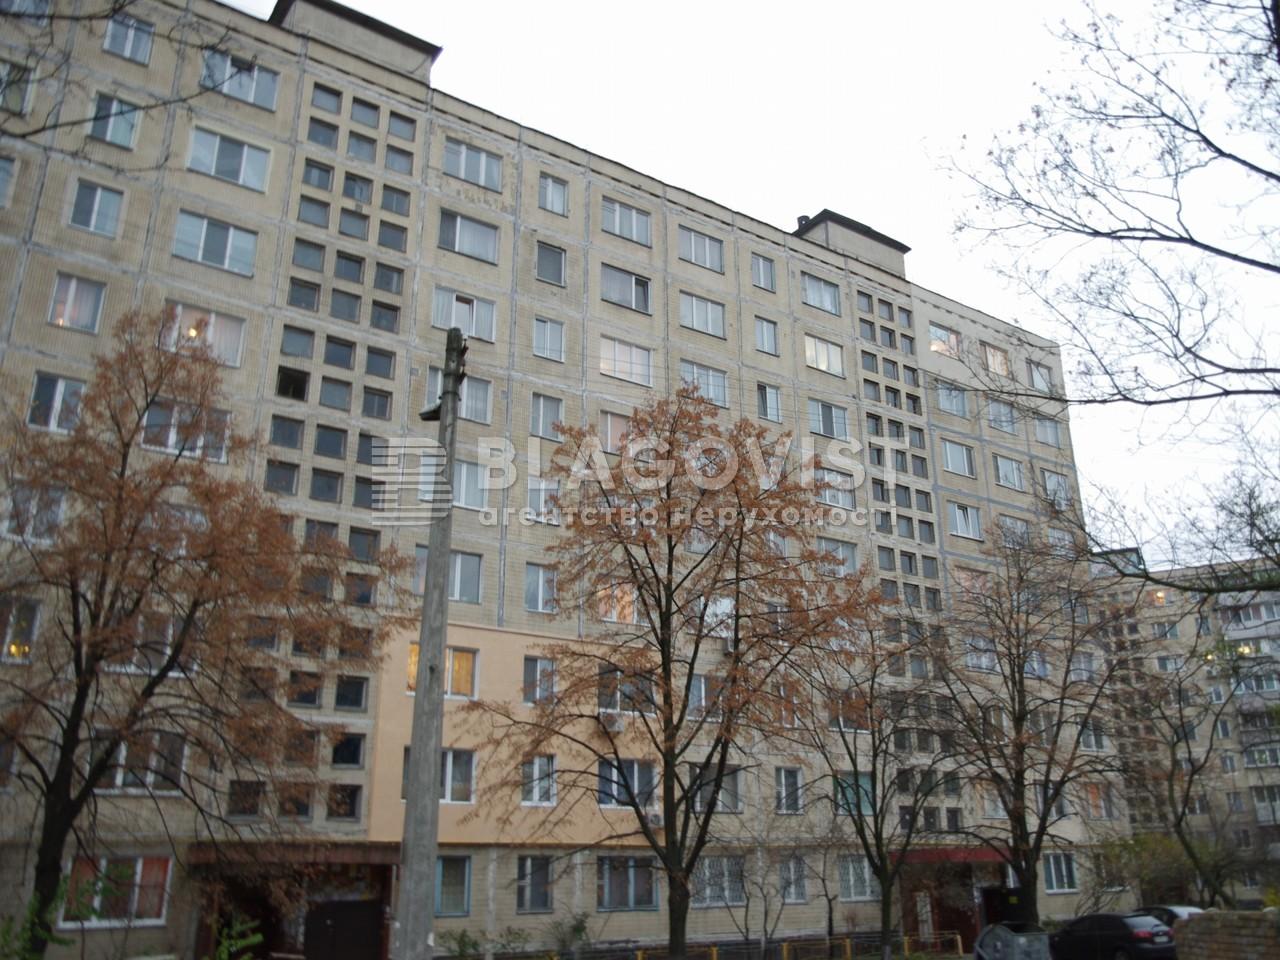 Квартира F-37062, Приречная, 27, Киев - Фото 3